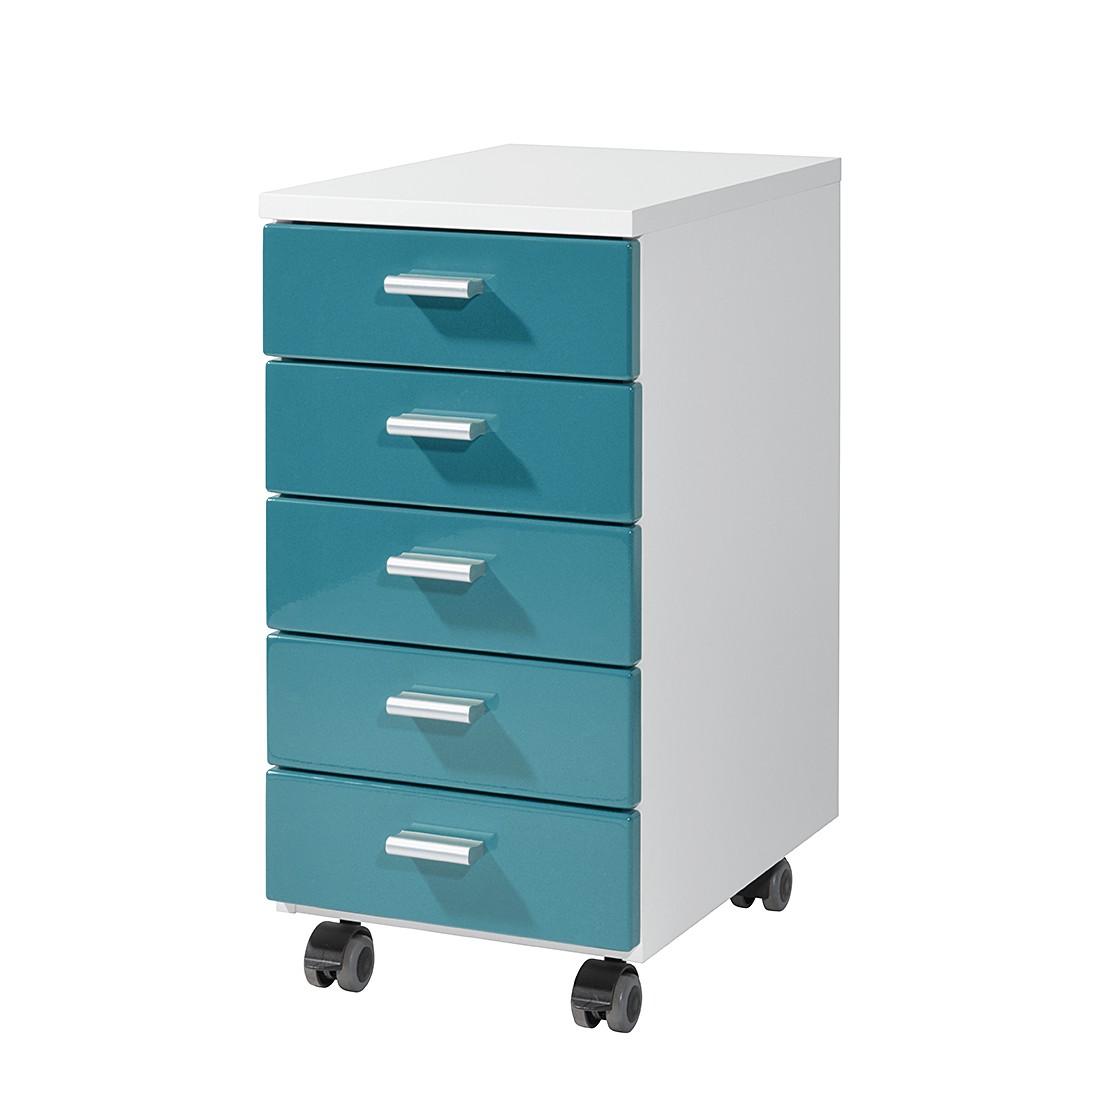 rollcontainer blau preisvergleich die besten angebote online kaufen. Black Bedroom Furniture Sets. Home Design Ideas